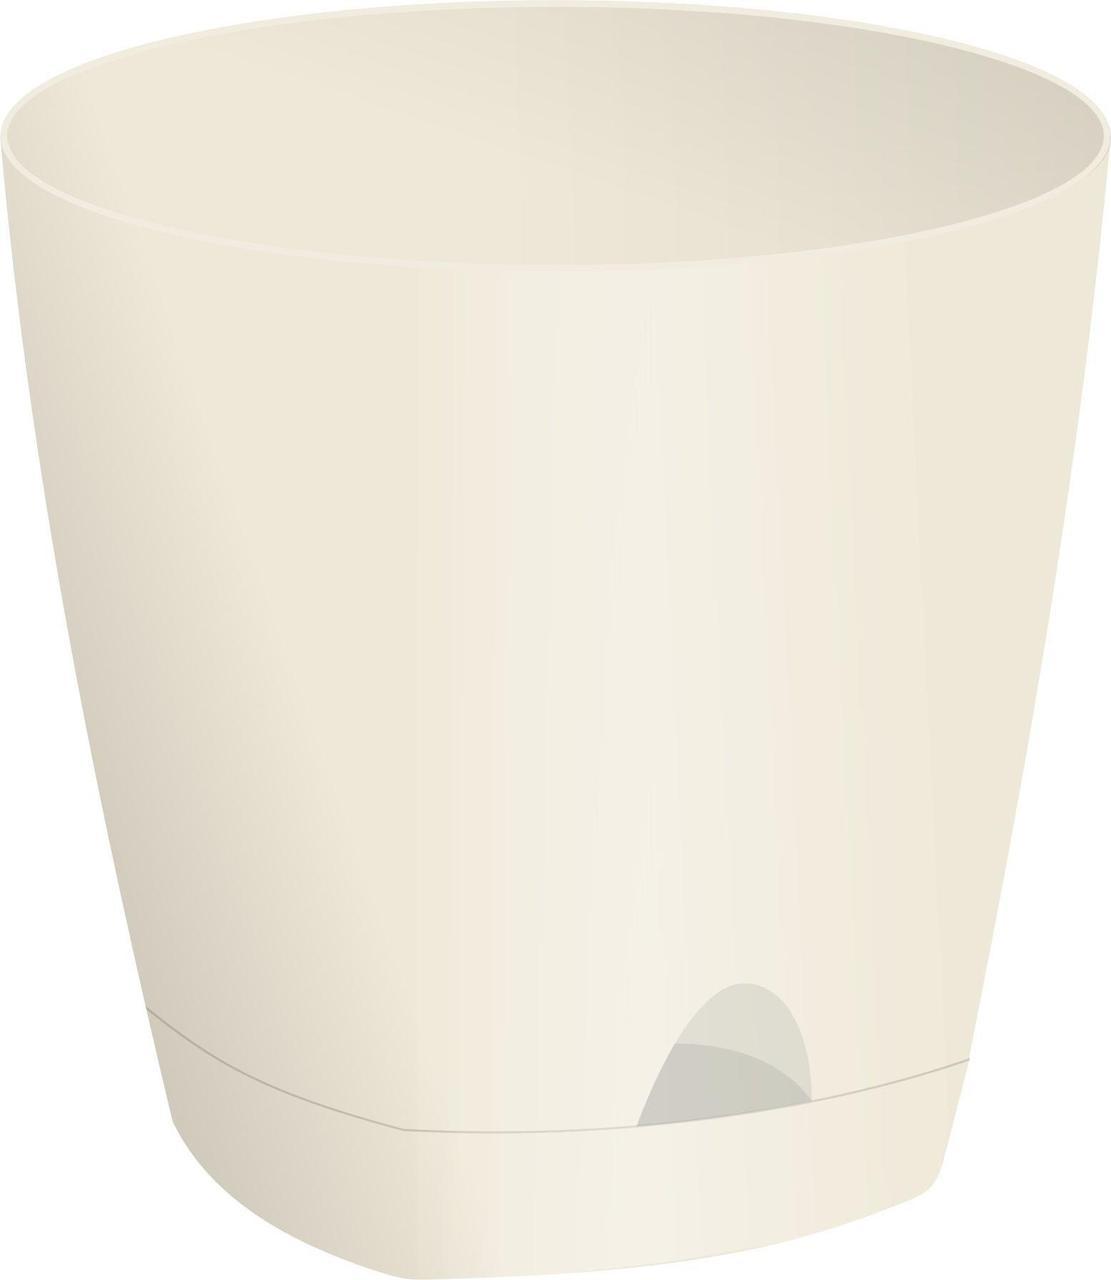 Горшок для цветов AMSTERDAM D 110 с прикорневым поливом 0,65 л Сливочный